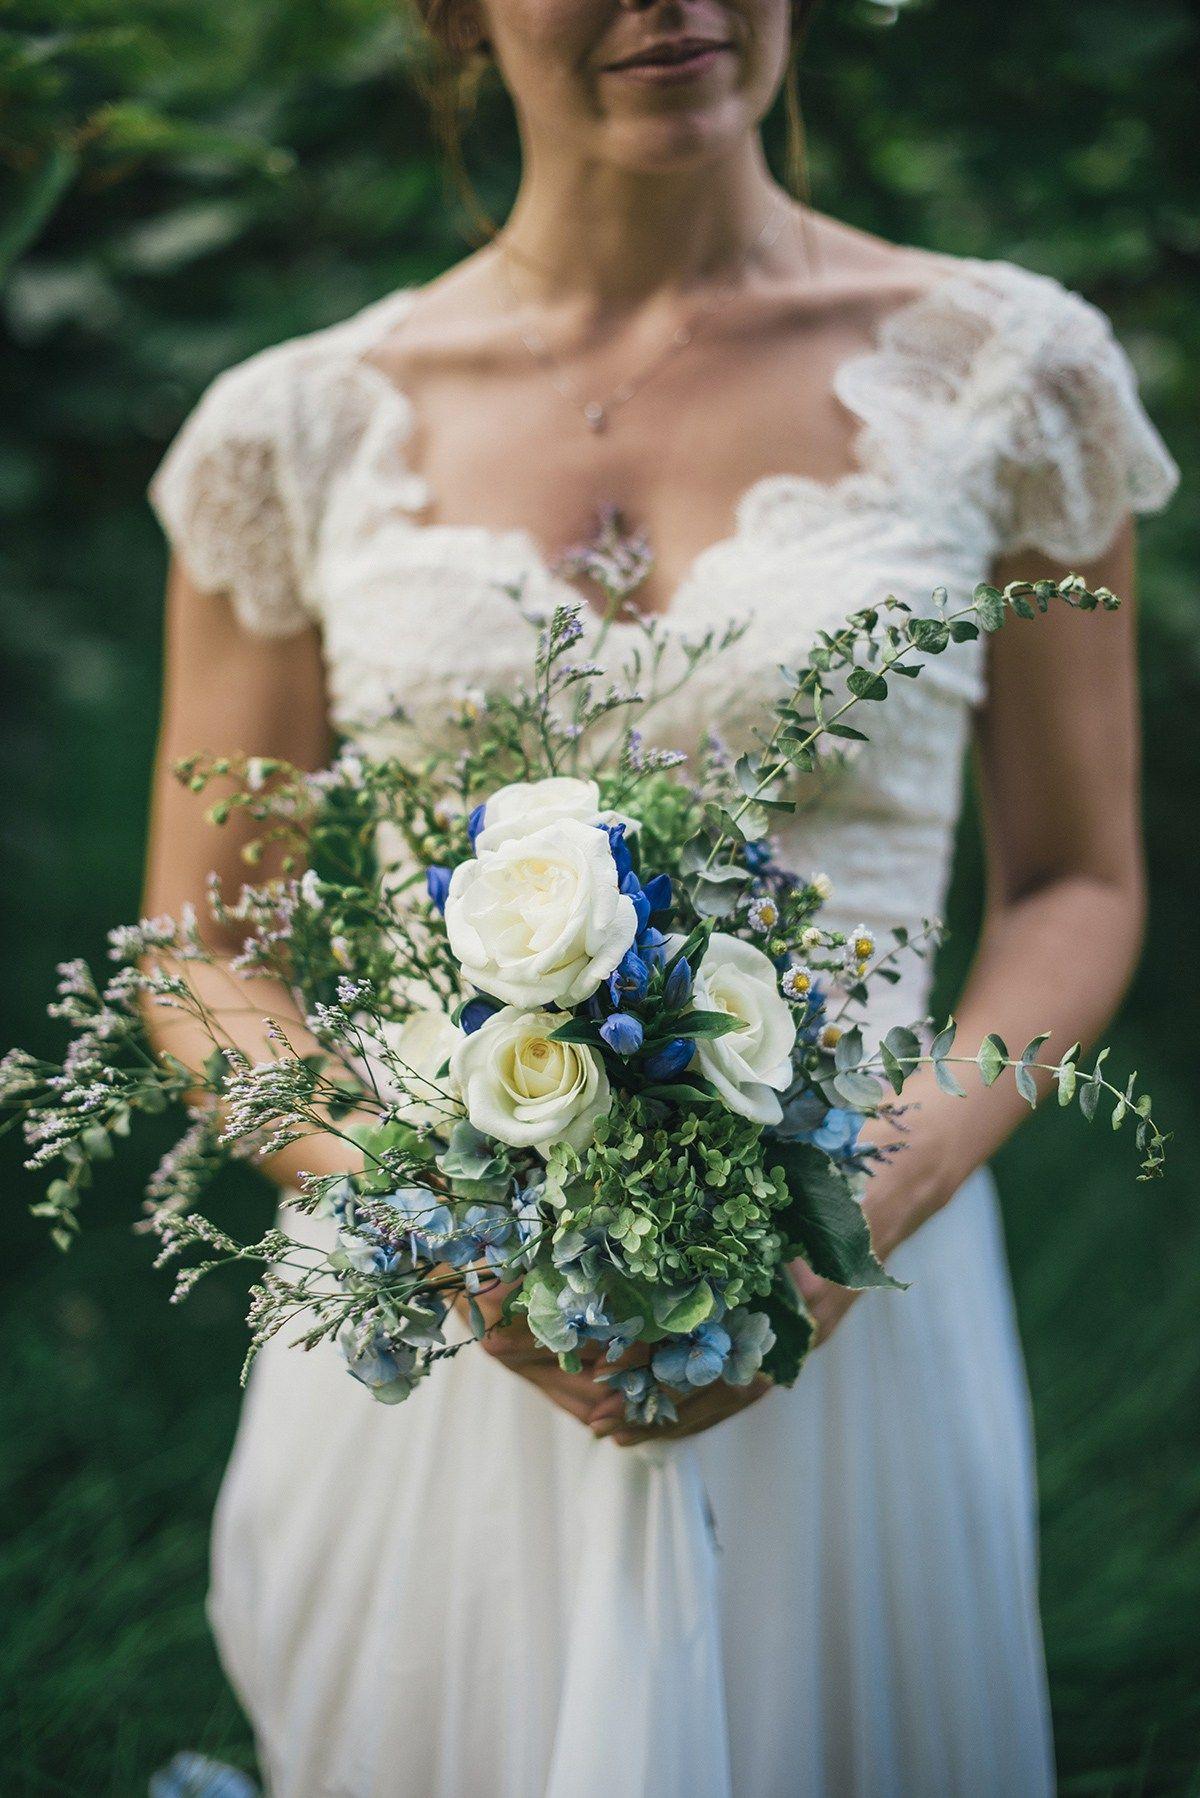 Dye wedding dress after wedding  A Beautiful Blue Ombre Wedding Dress for a Barefoot Beach Wedding